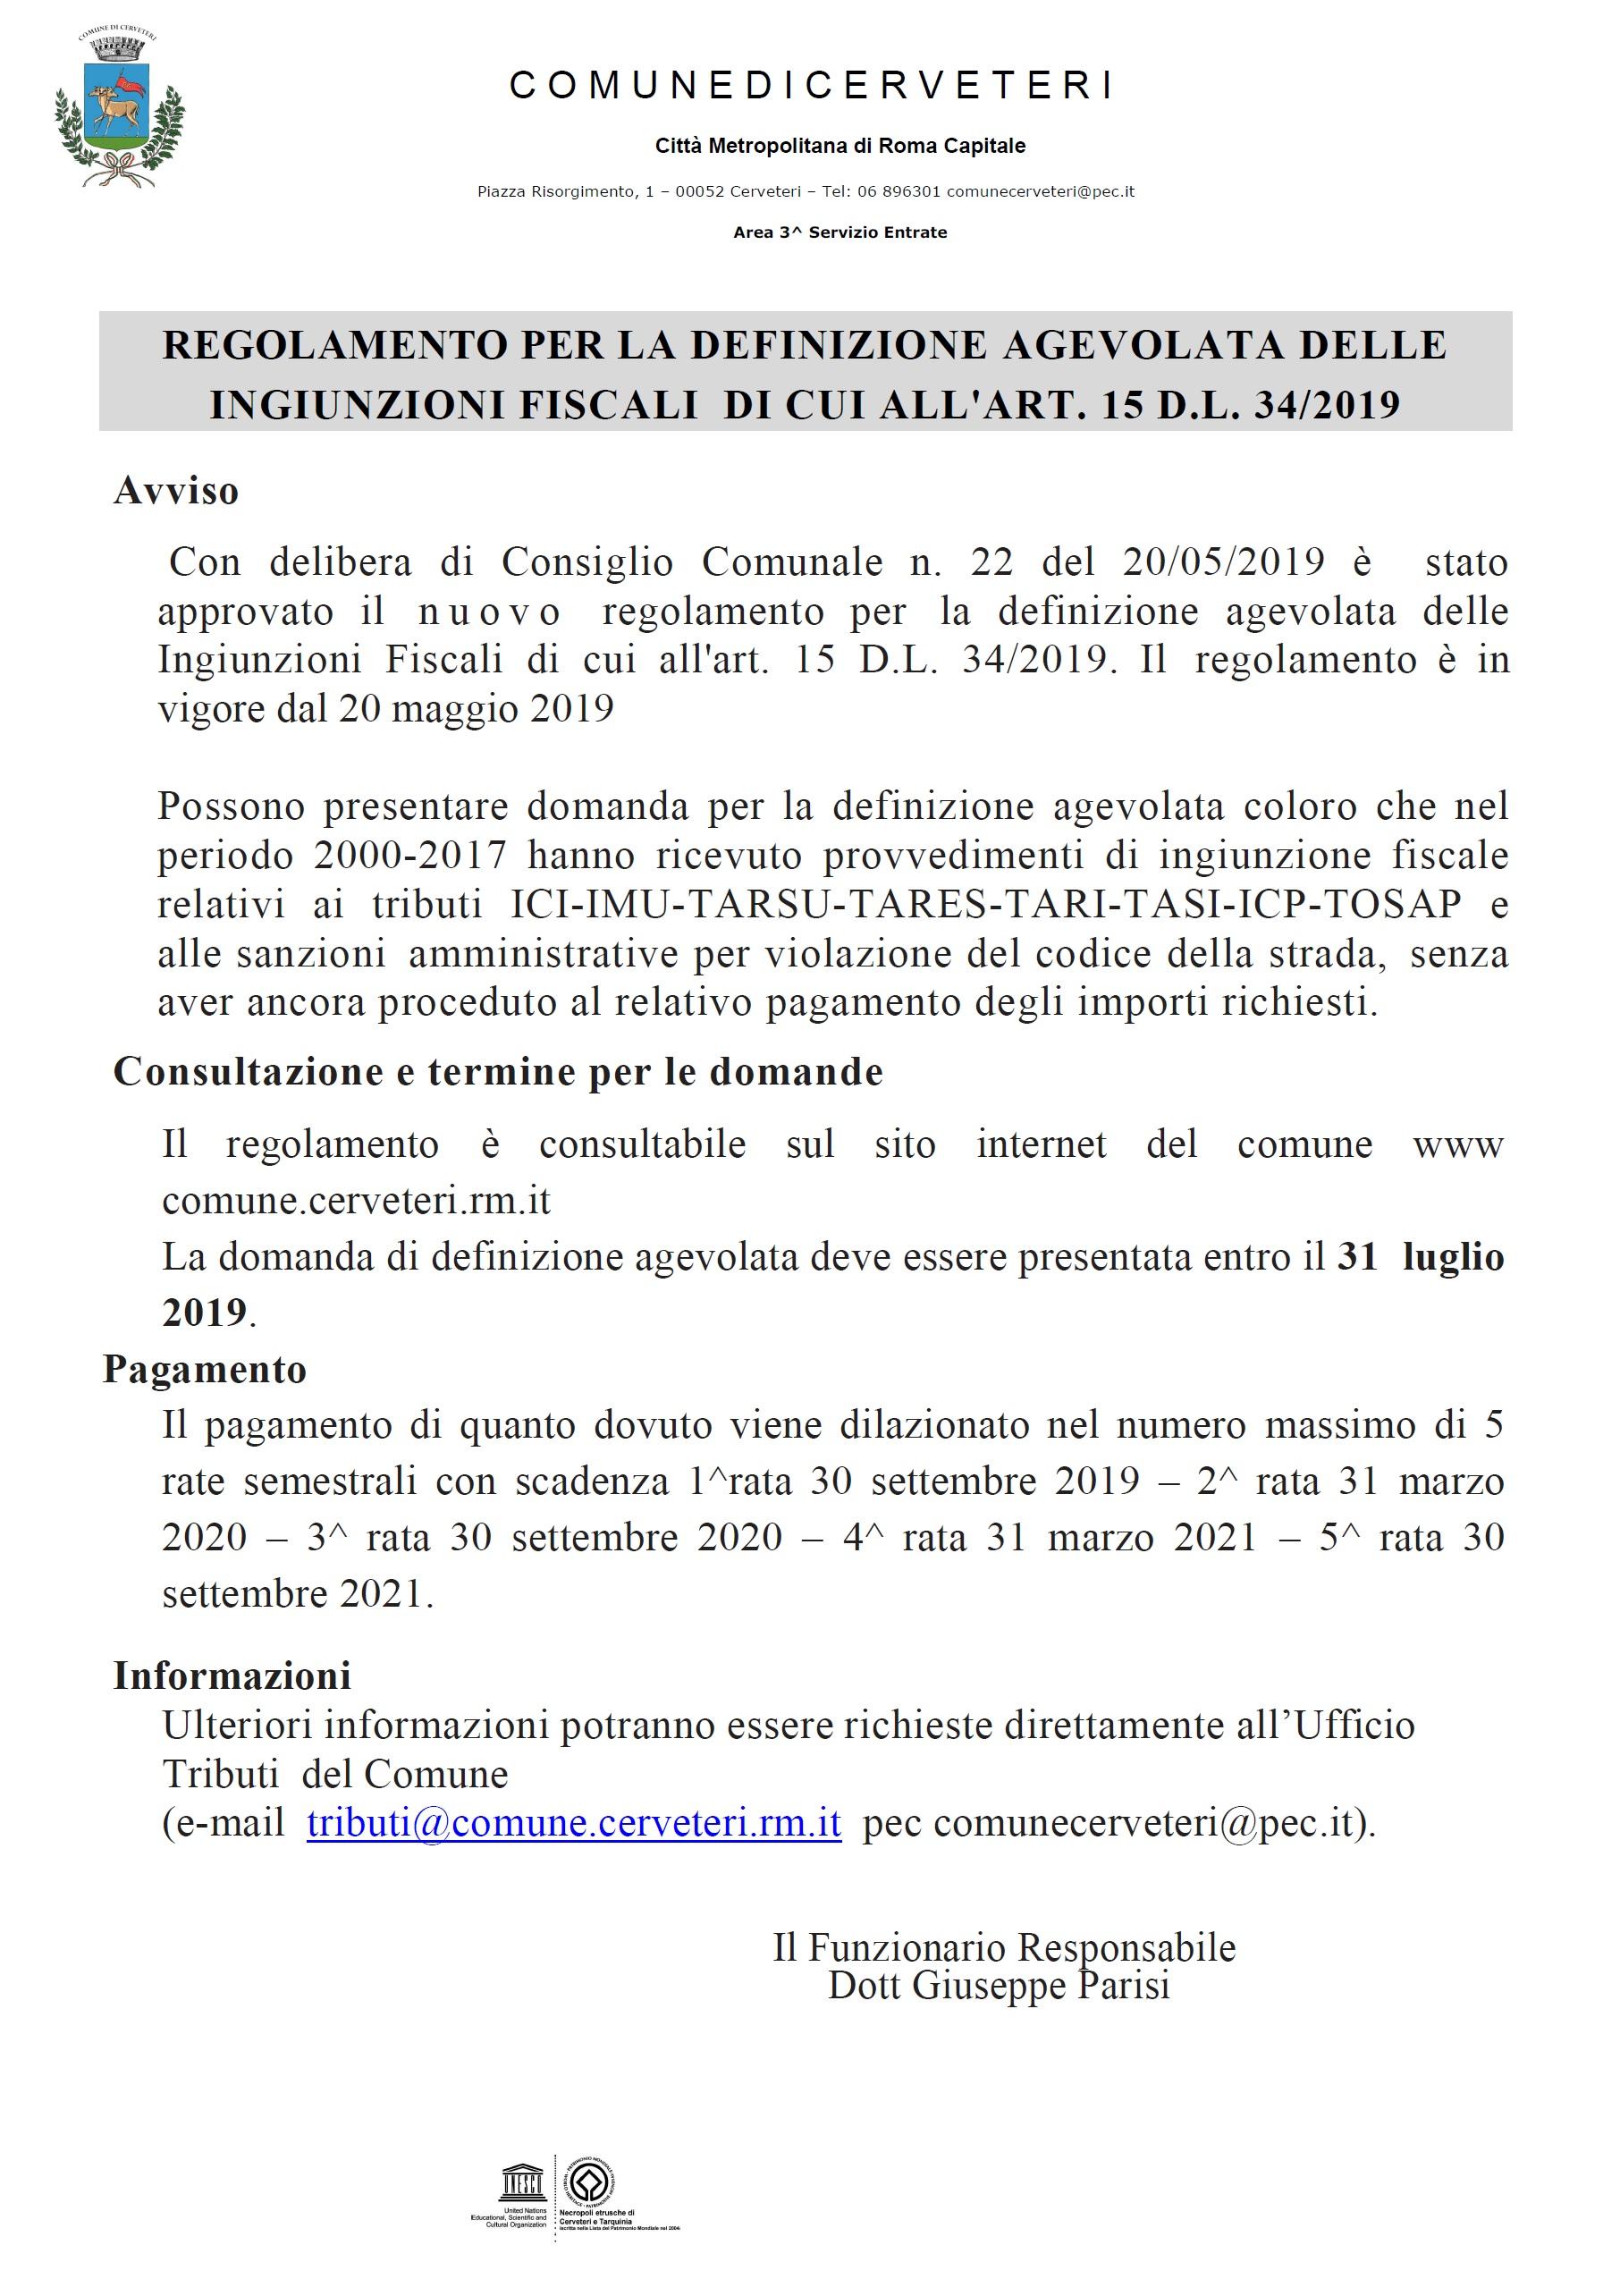 Regolamento per la Definizione Agevolata delle Entrate Tributarie di cui all' Art. 15 D.L. 34/2019